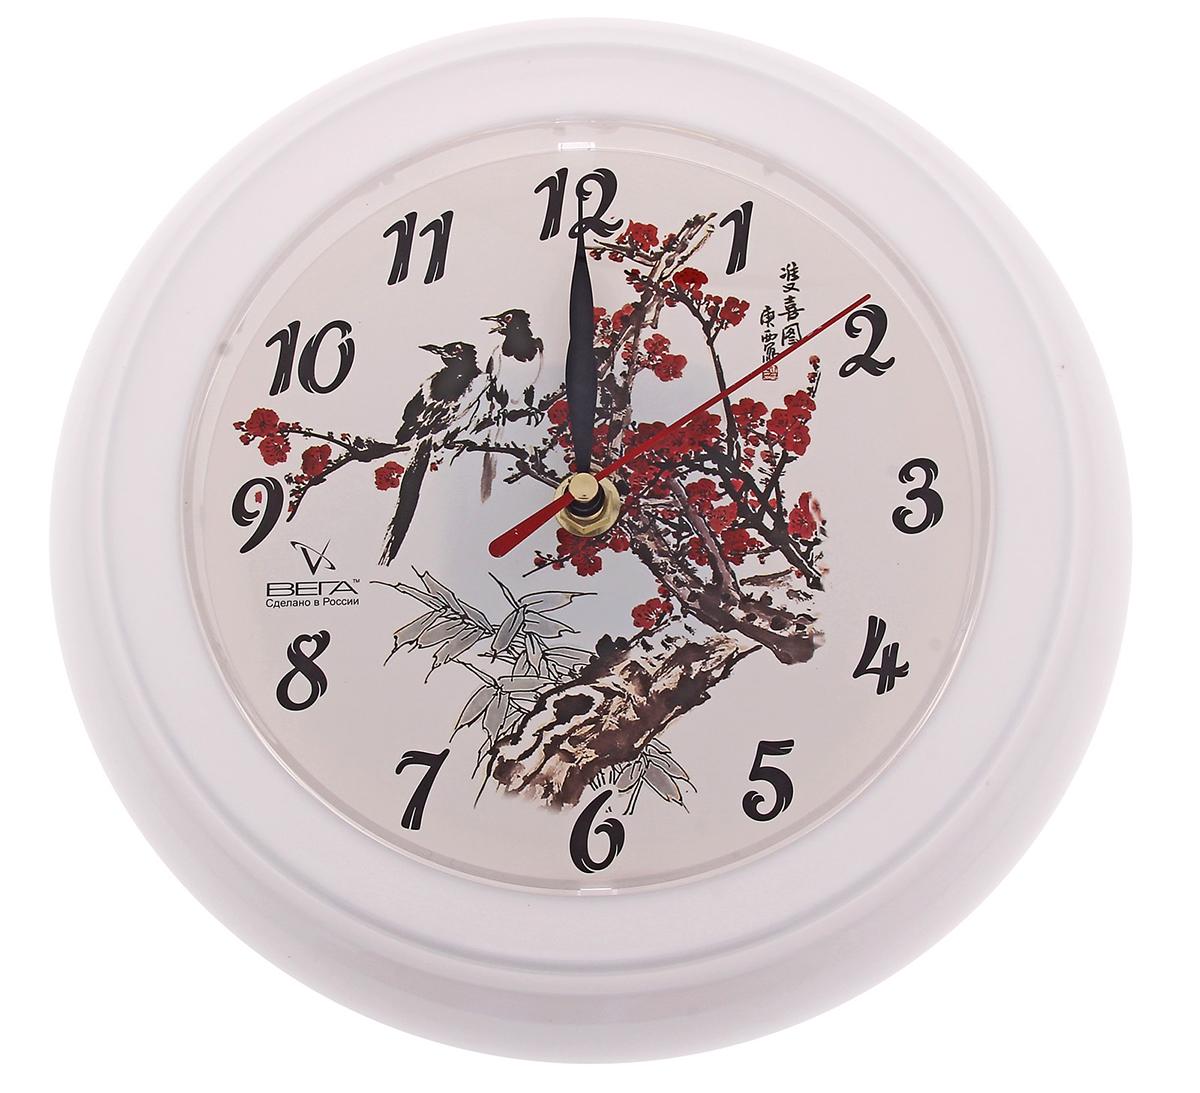 """Часы настенные круглые """"Сакура"""" — сувенир в полном смысле этого слова. И главная его задача — хранить воспоминание о месте, где вы побывали, или о том человеке, который подарил данный предмет. Преподнесите эту вещь своему другу, и она станет достойным украшением его дома. Каждому хозяину периодически приходит мысль обновить свою квартиру, сделать ремонт, перестановку или кардинально поменять внешний вид каждой комнаты. Часы настенные круглые """"Сакура"""" — привлекательная деталь, которая поможет воплотить вашу интерьерную идею, создать неповторимую атмосферу в вашем доме. Окружите себя приятными мелочами, пусть они радуют глаз и дарят гармонию.Часы настенные круглые """"Сакура"""" 796782"""